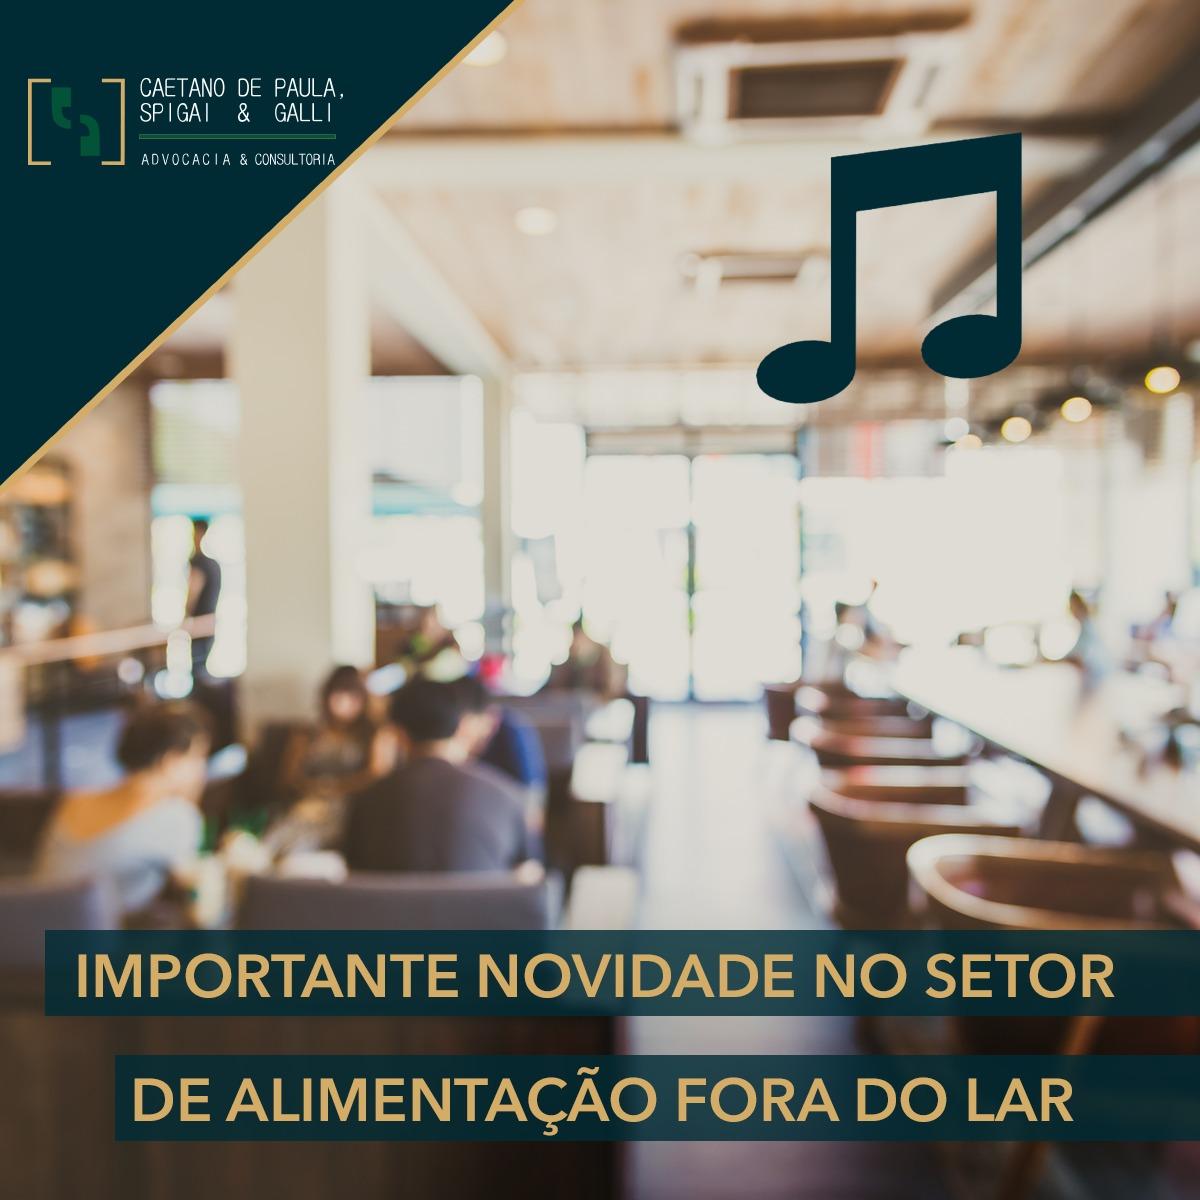 IMPORTANTE NOVIDADE NO SETOR DE ALIMENTAÇÃO FORA DO LAR